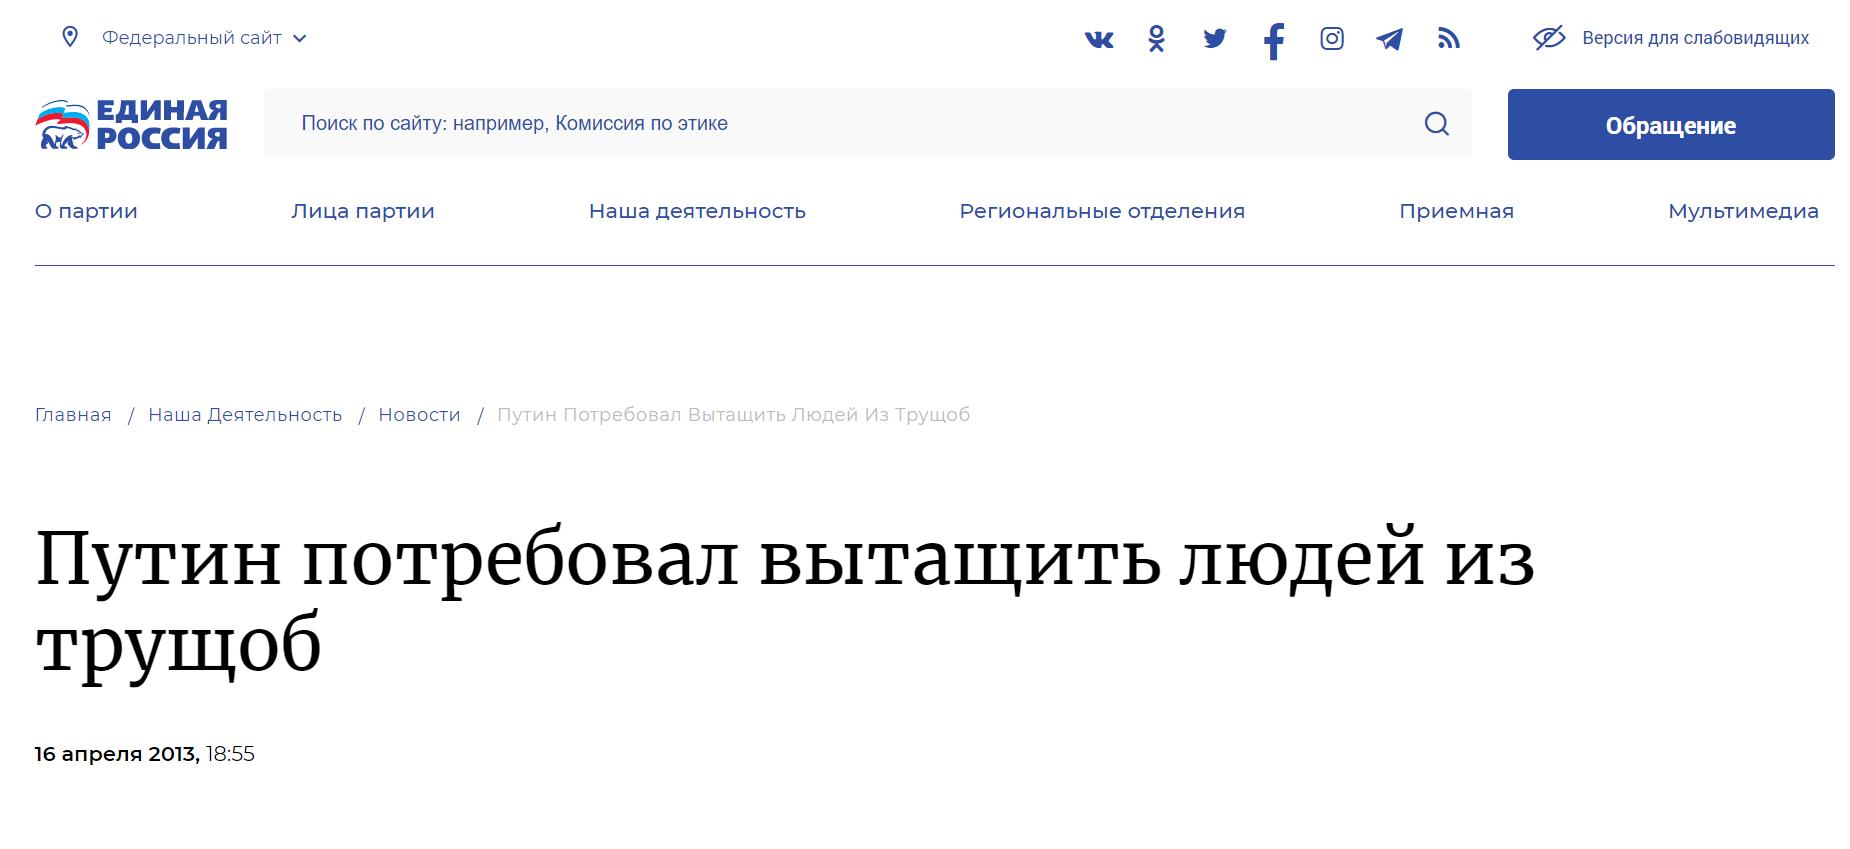 Путин потребовал вытащить людей из трущоб